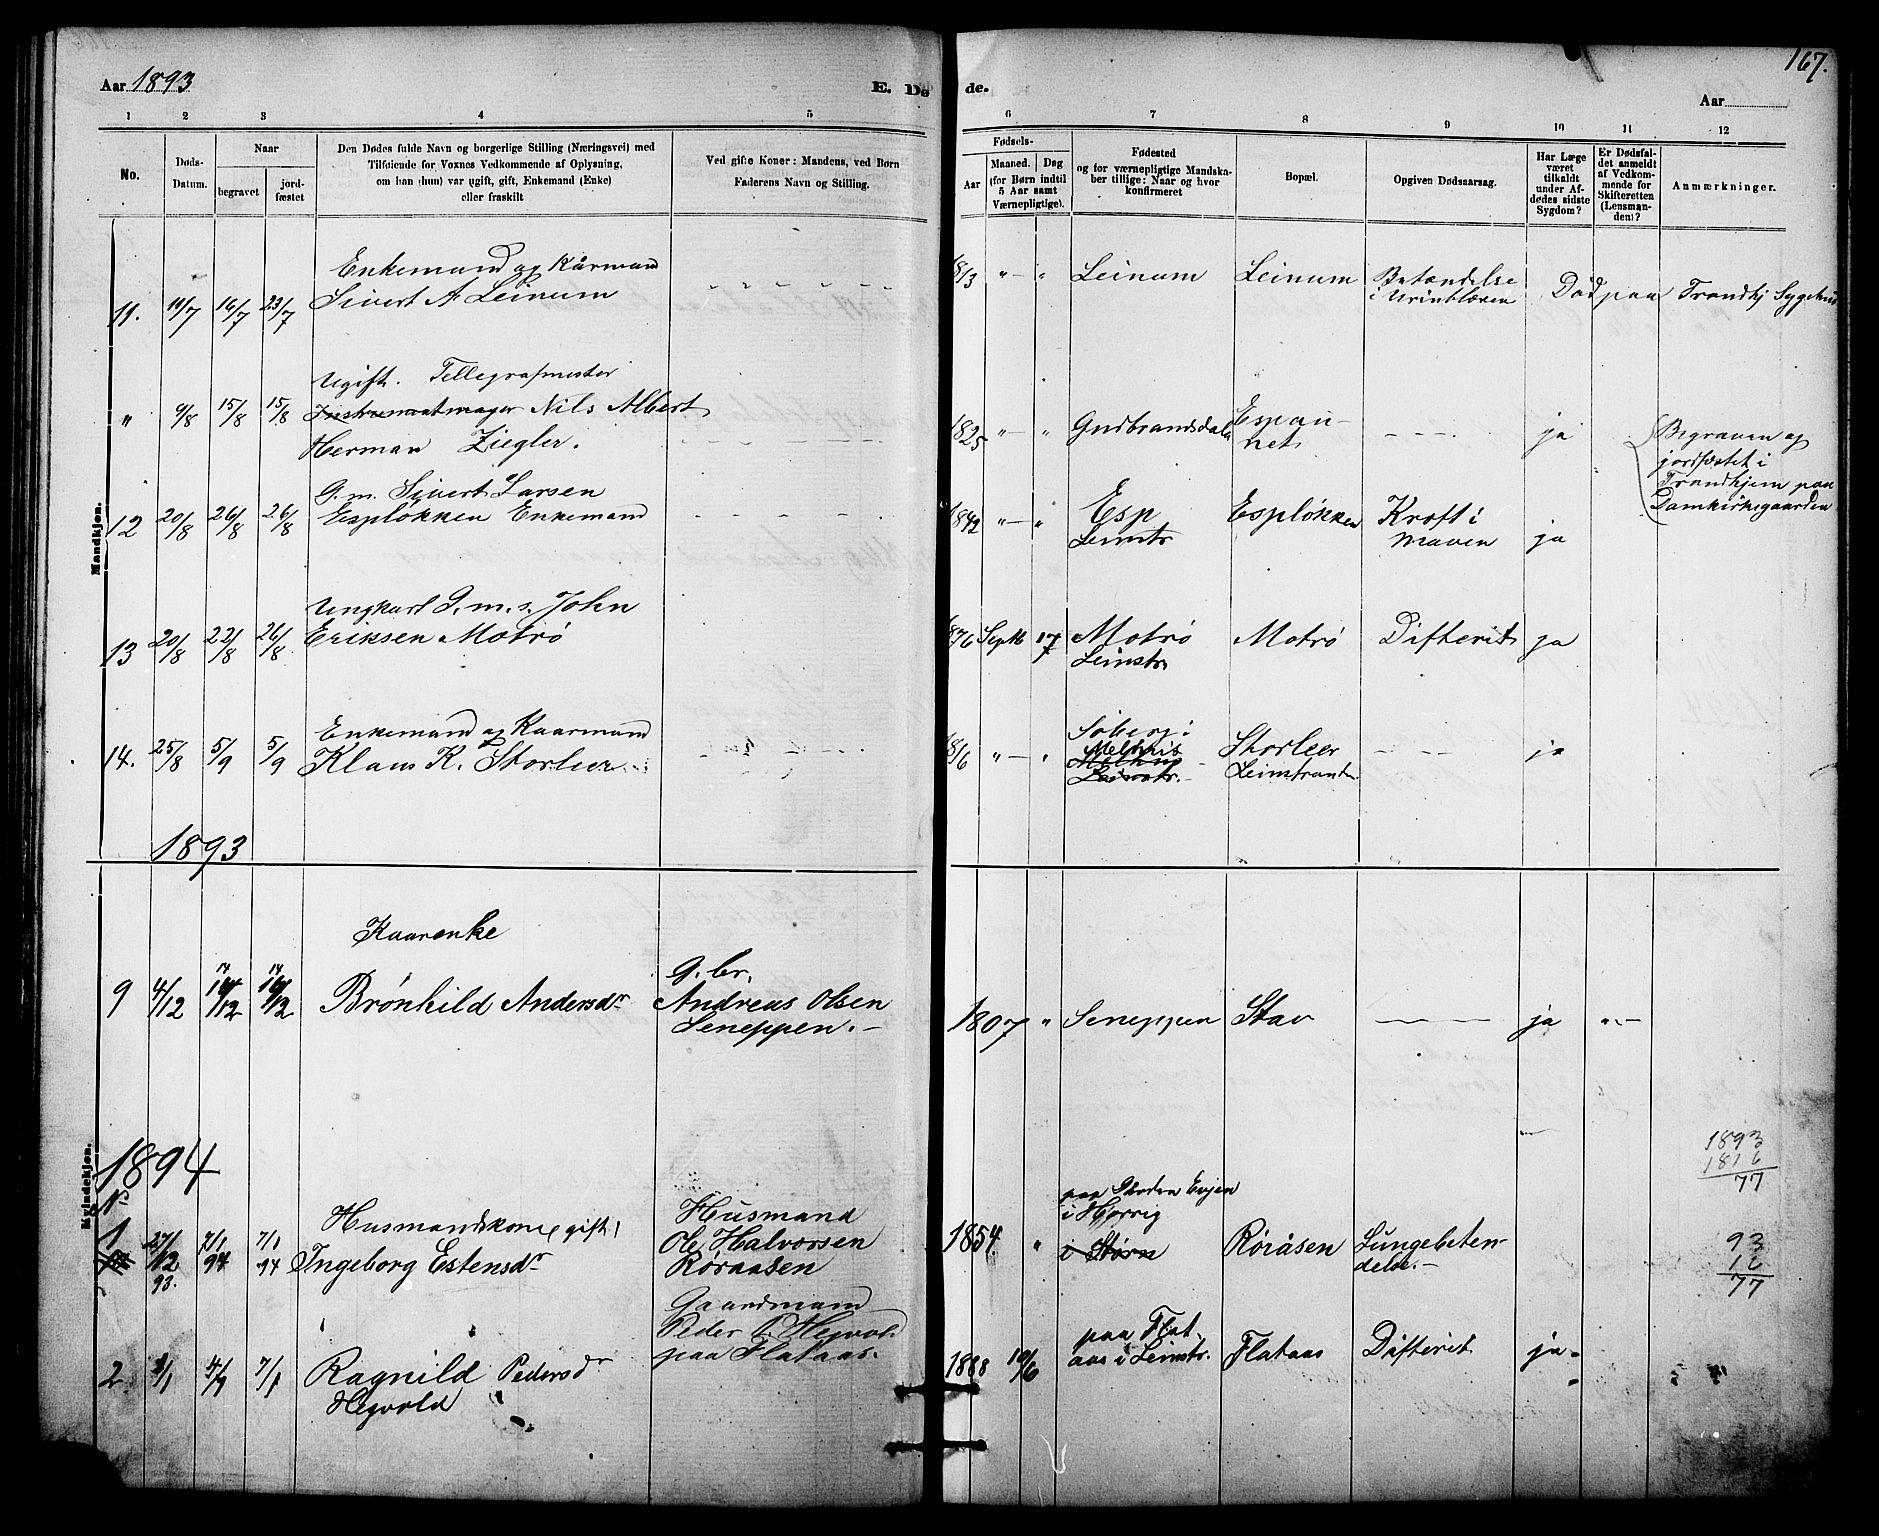 SAT, Ministerialprotokoller, klokkerbøker og fødselsregistre - Sør-Trøndelag, 613/L0395: Klokkerbok nr. 613C03, 1887-1909, s. 167